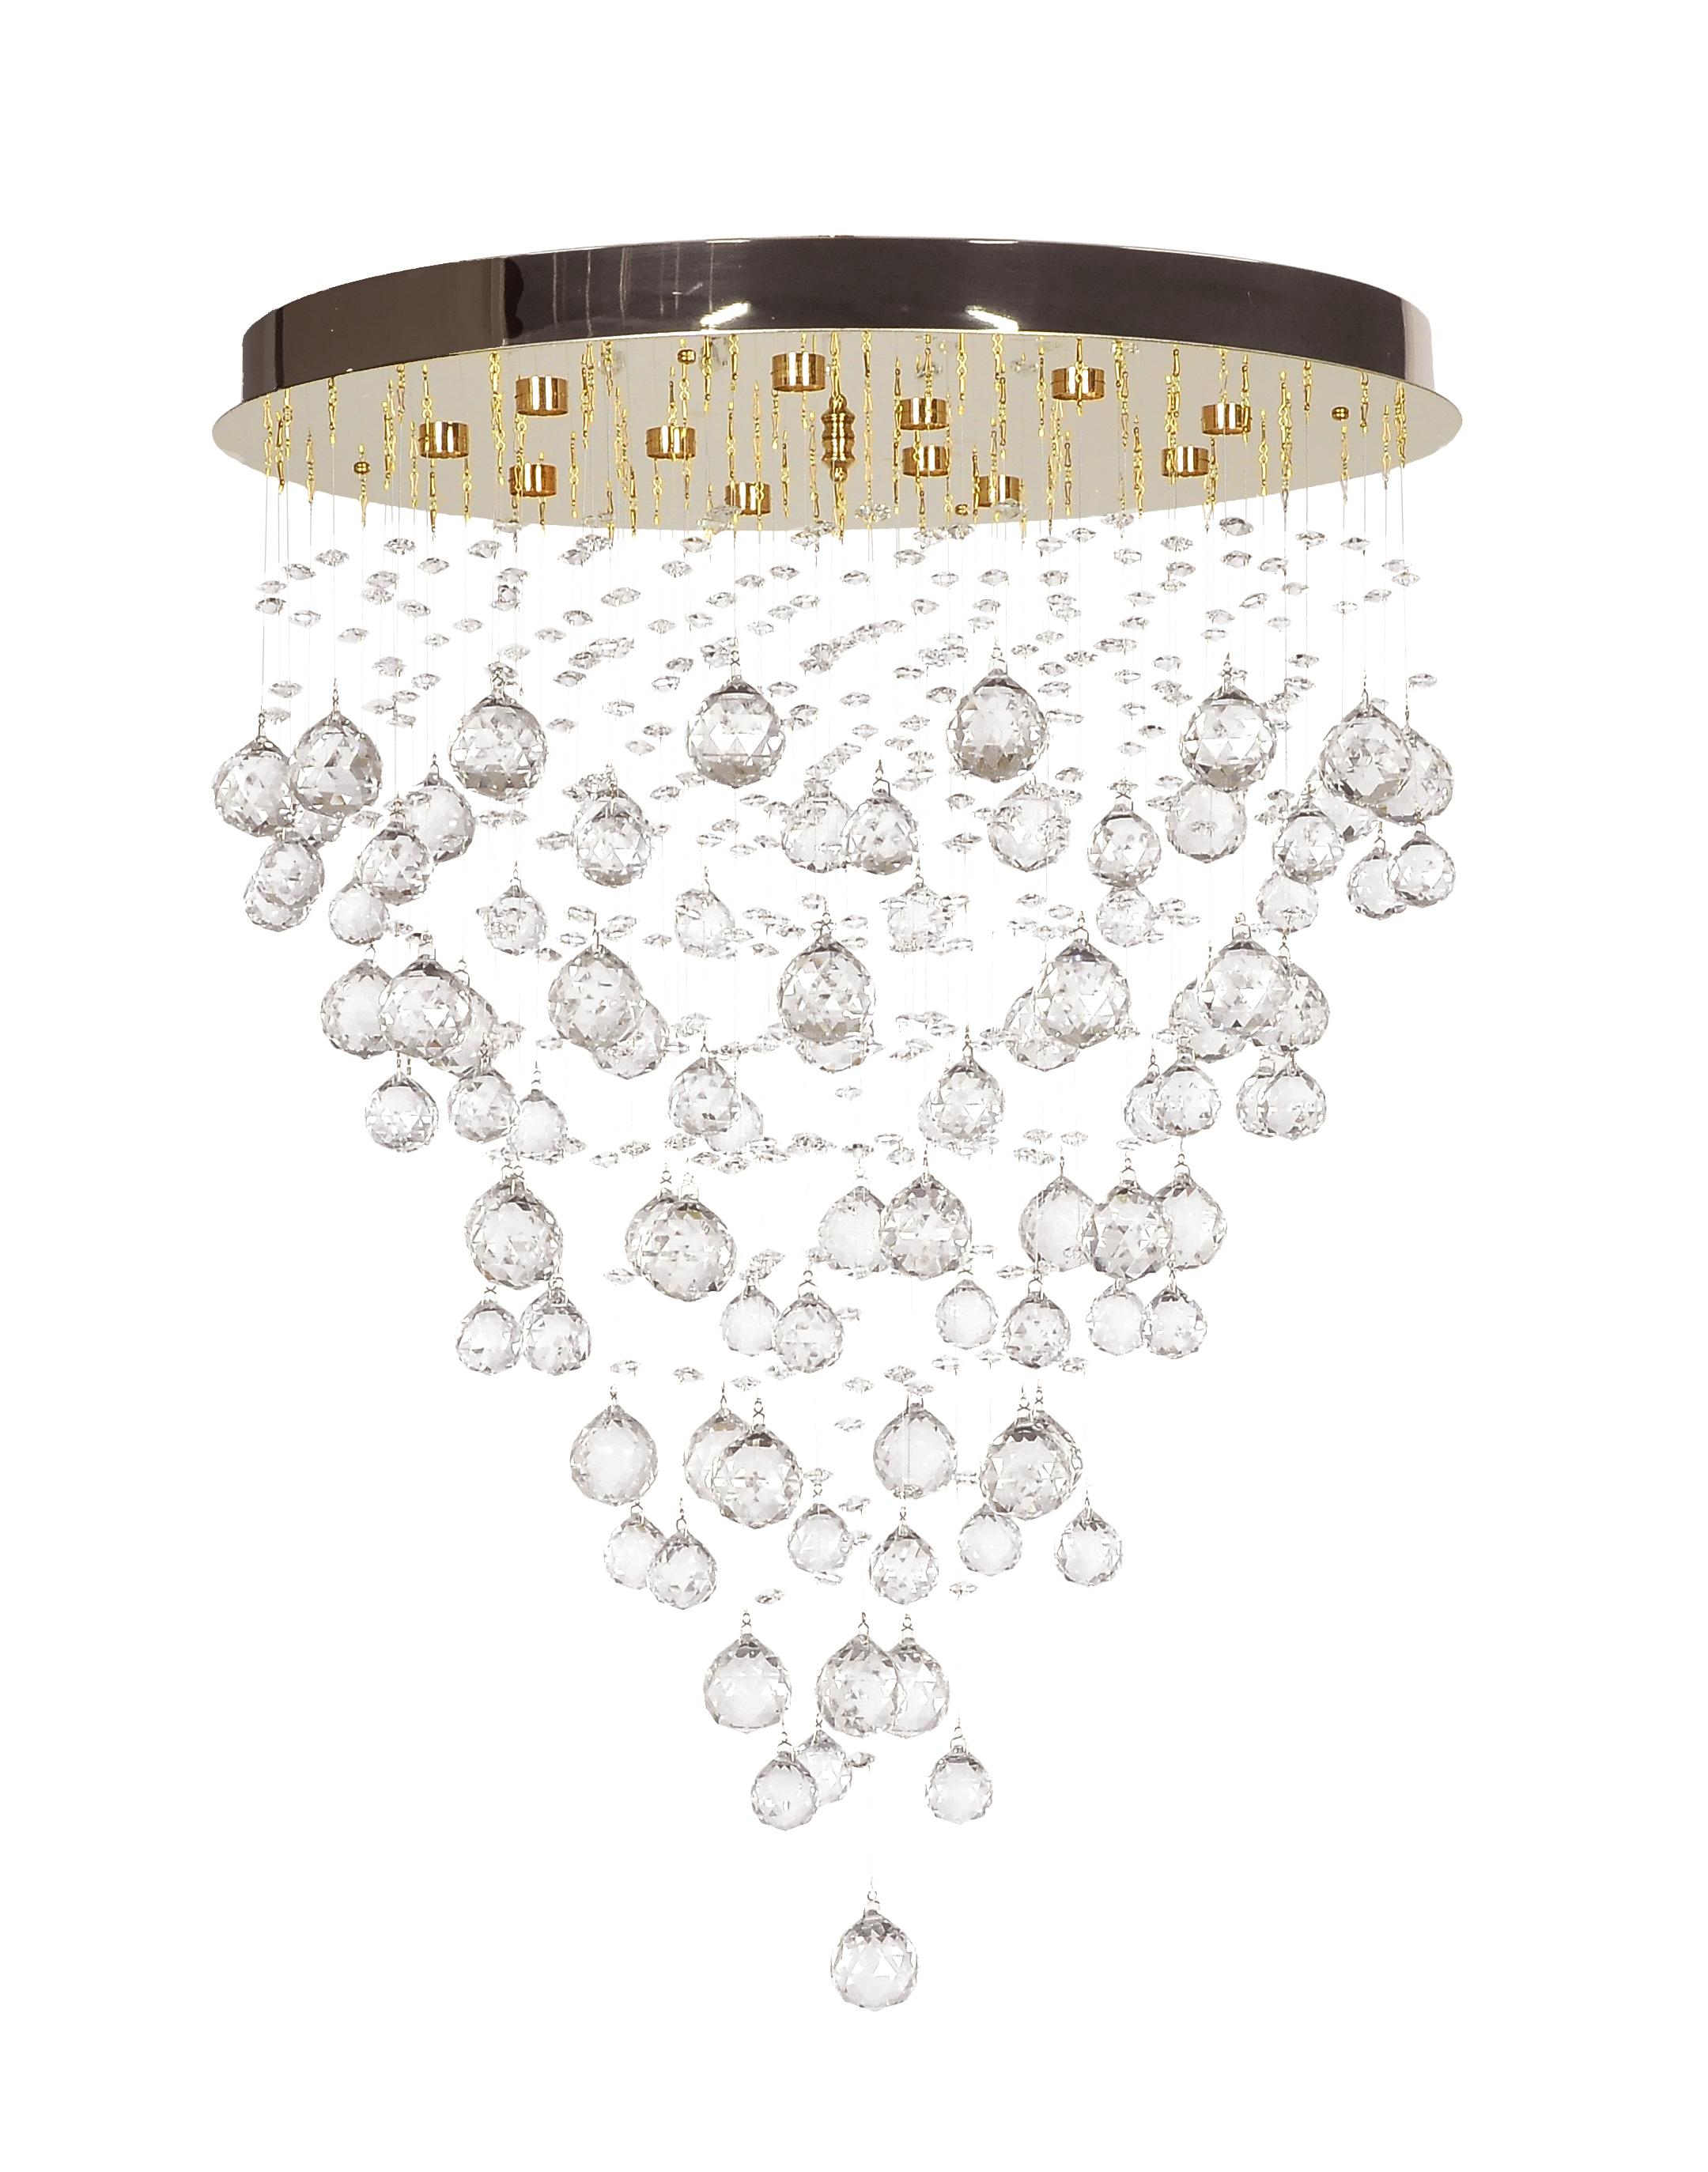 Люстра Arti lampadariЛюстры<br>Назначение светильника: для комнаты,<br>Стиль светильника: классика,<br>Материал плафона: стекло, хрусталь,<br>Материал арматуры: металл,<br>Диаметр: 780,<br>Высота: 550,<br>Количество ламп: 8,<br>Тип лампы: галогенная,<br>Мощность: 40,<br>Патрон: G9,<br>Цвет арматуры: золото<br>